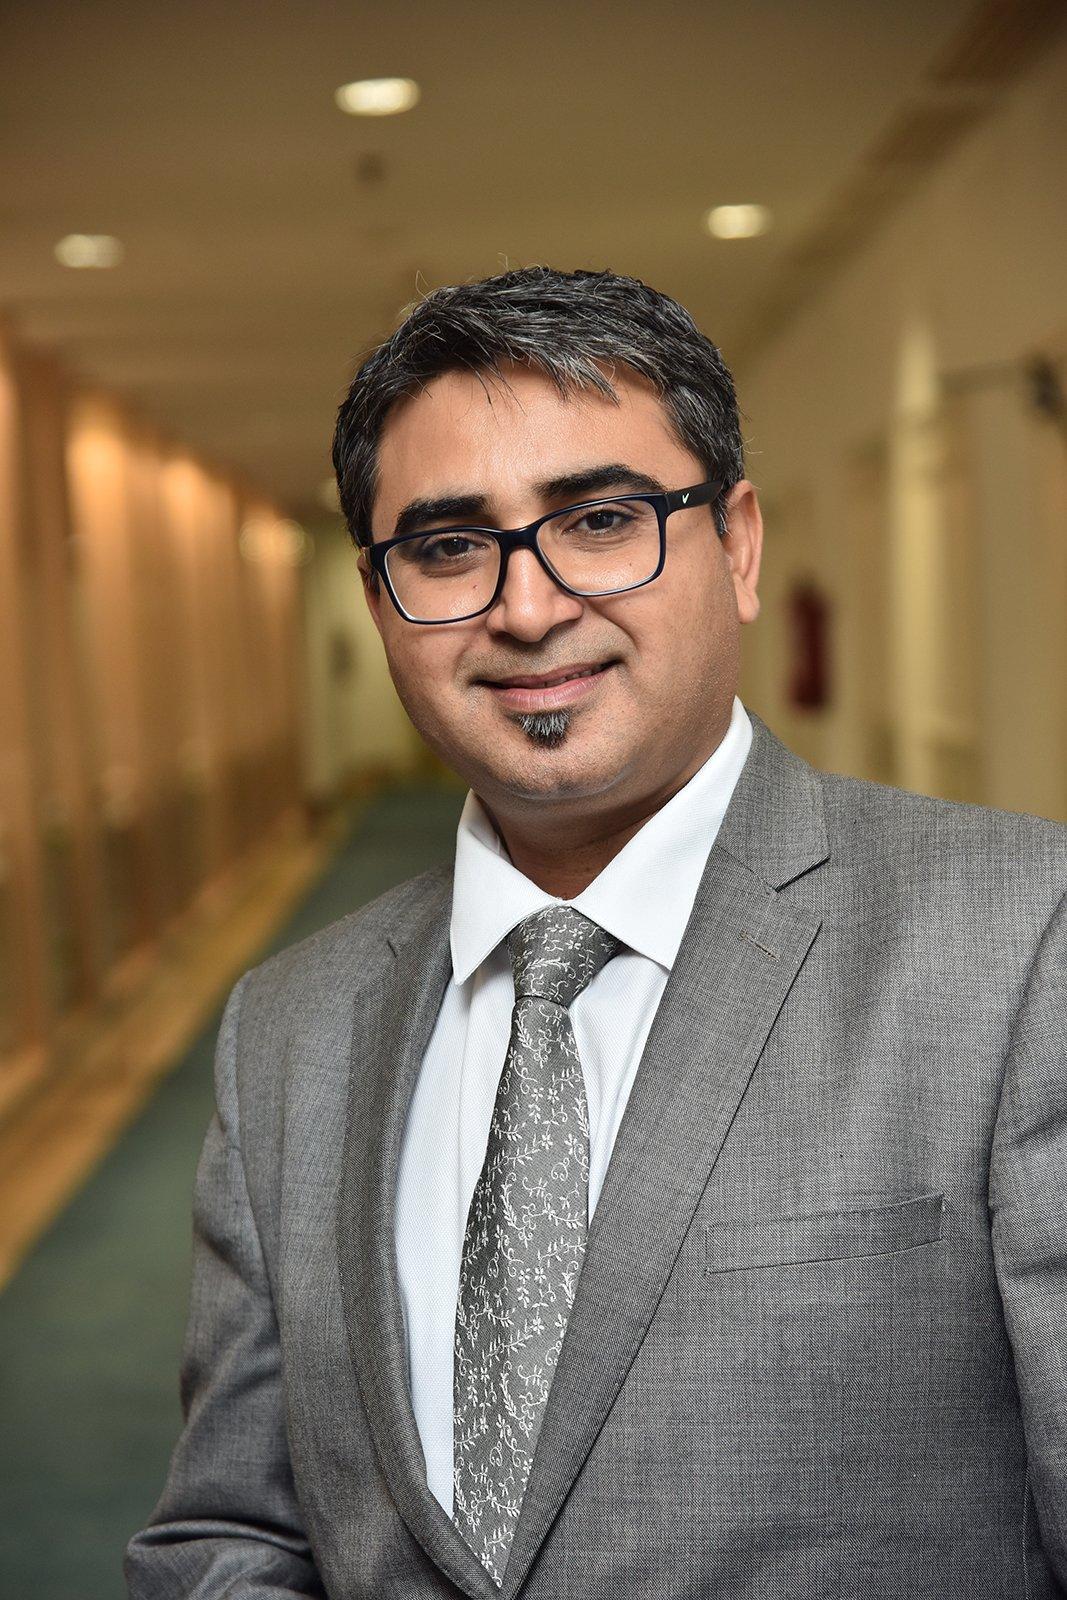 Photo: Manish Misra, Chief Innovation Officer, India Innovation Centre